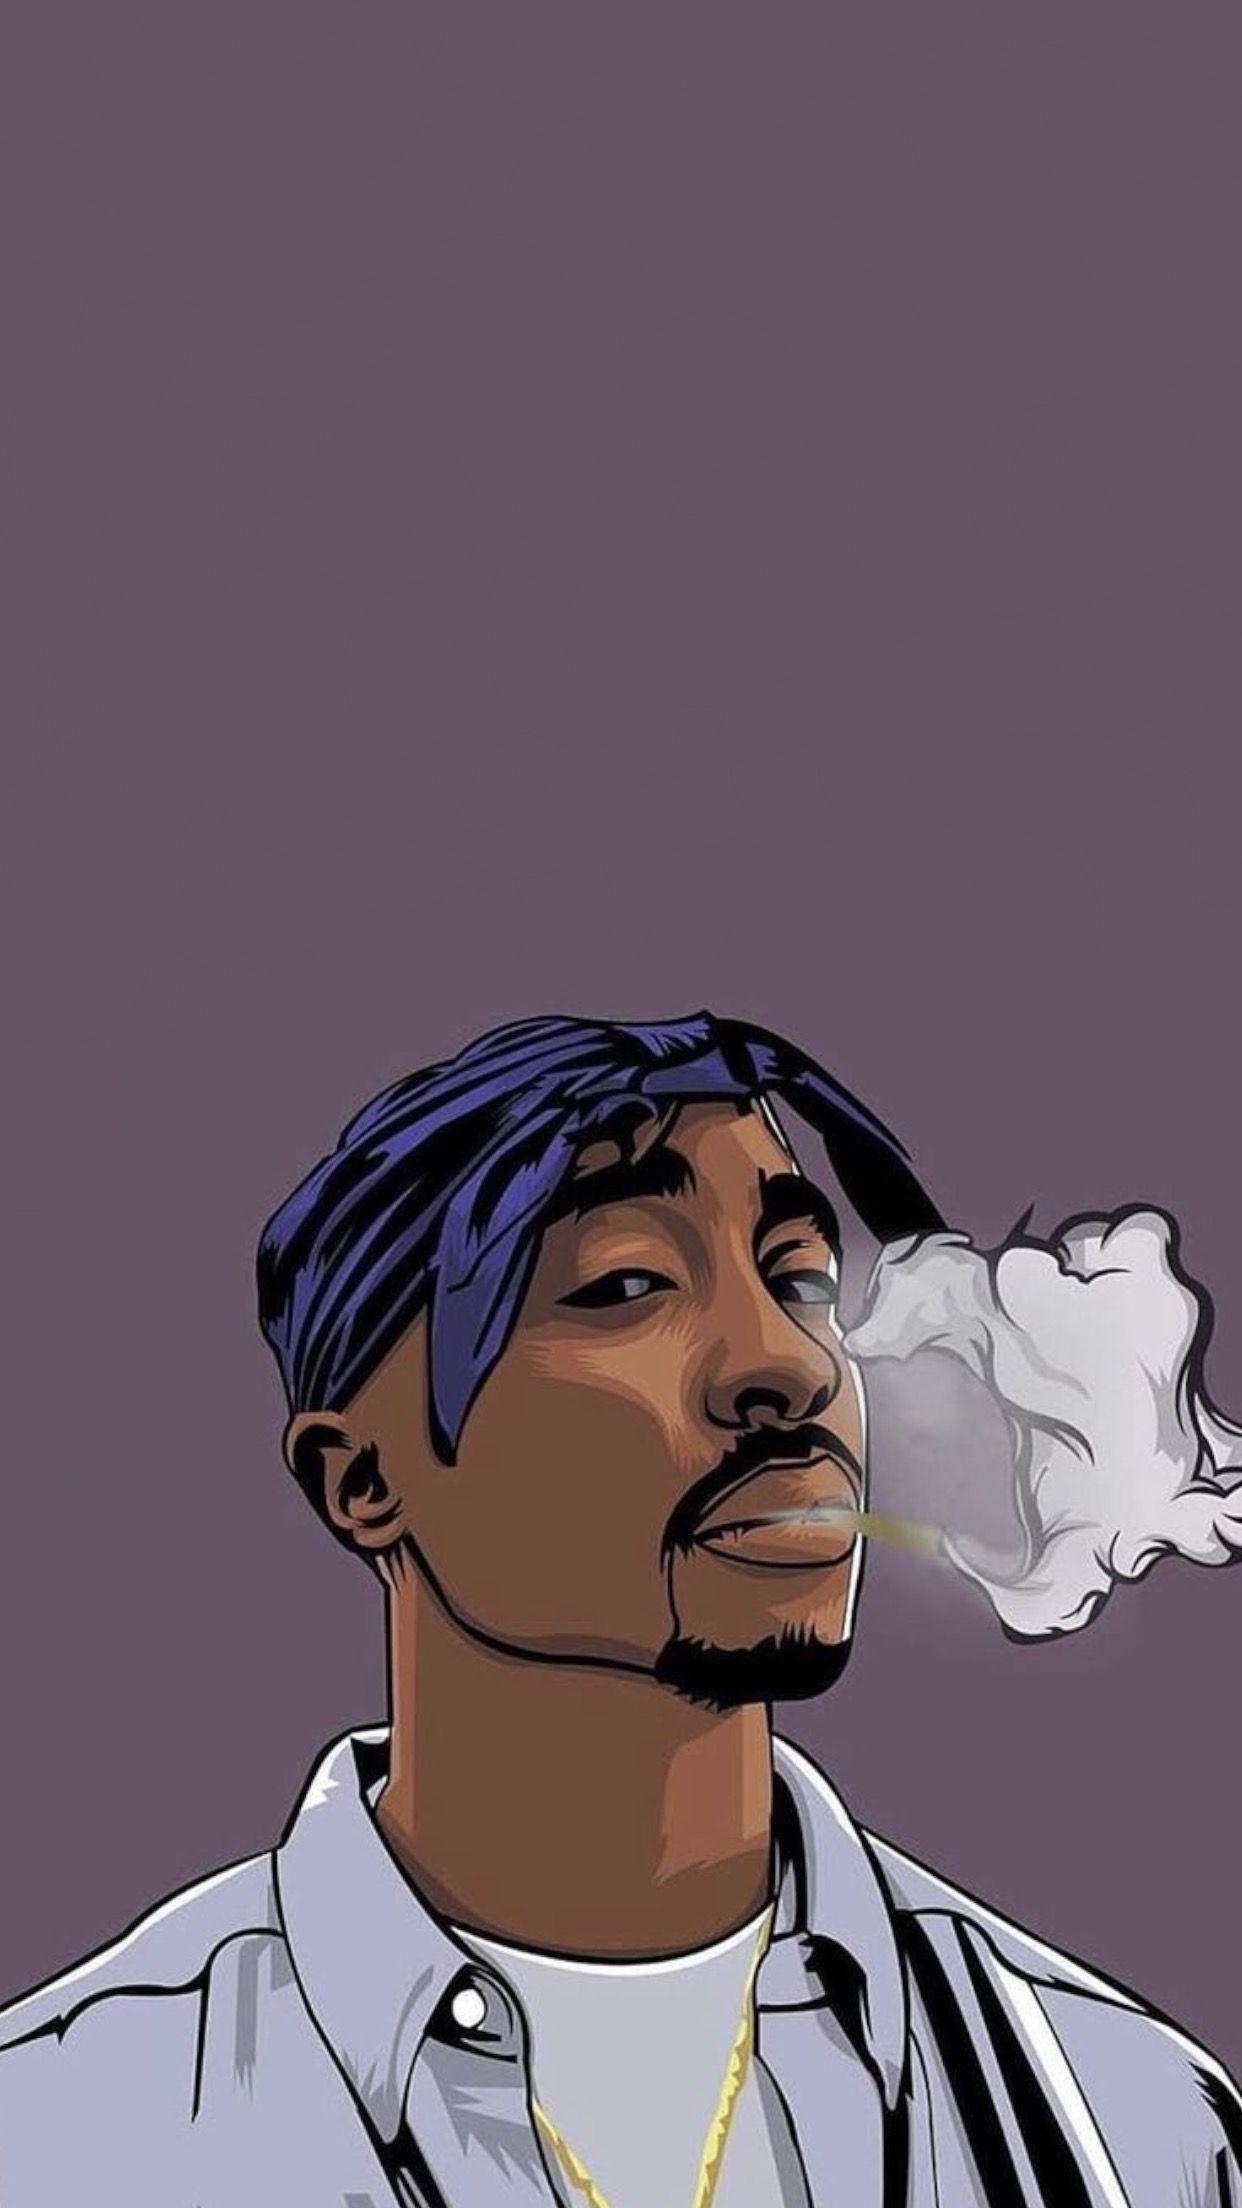 Iphone Hip Hop Artist Cartoon Wallpapers Wallpaper Cave